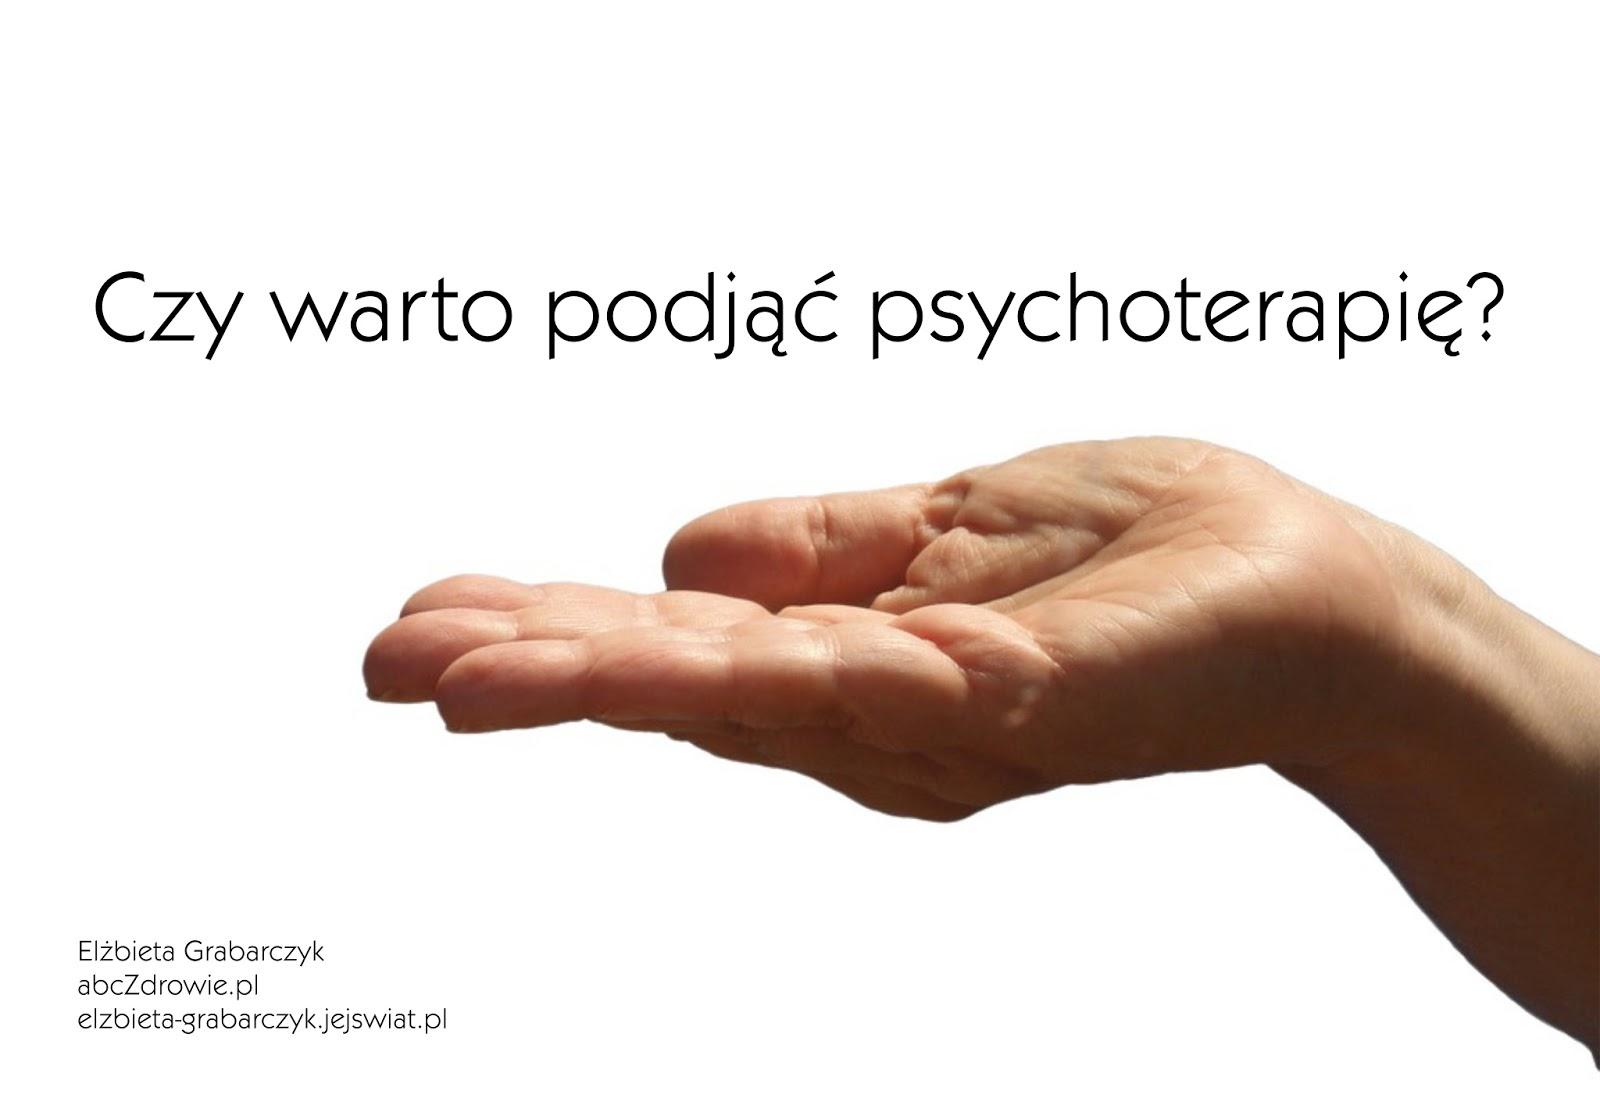 Czy warto podjąć psychoterapię? Najnowszy artykuł na portalu abcZdrowie.pl